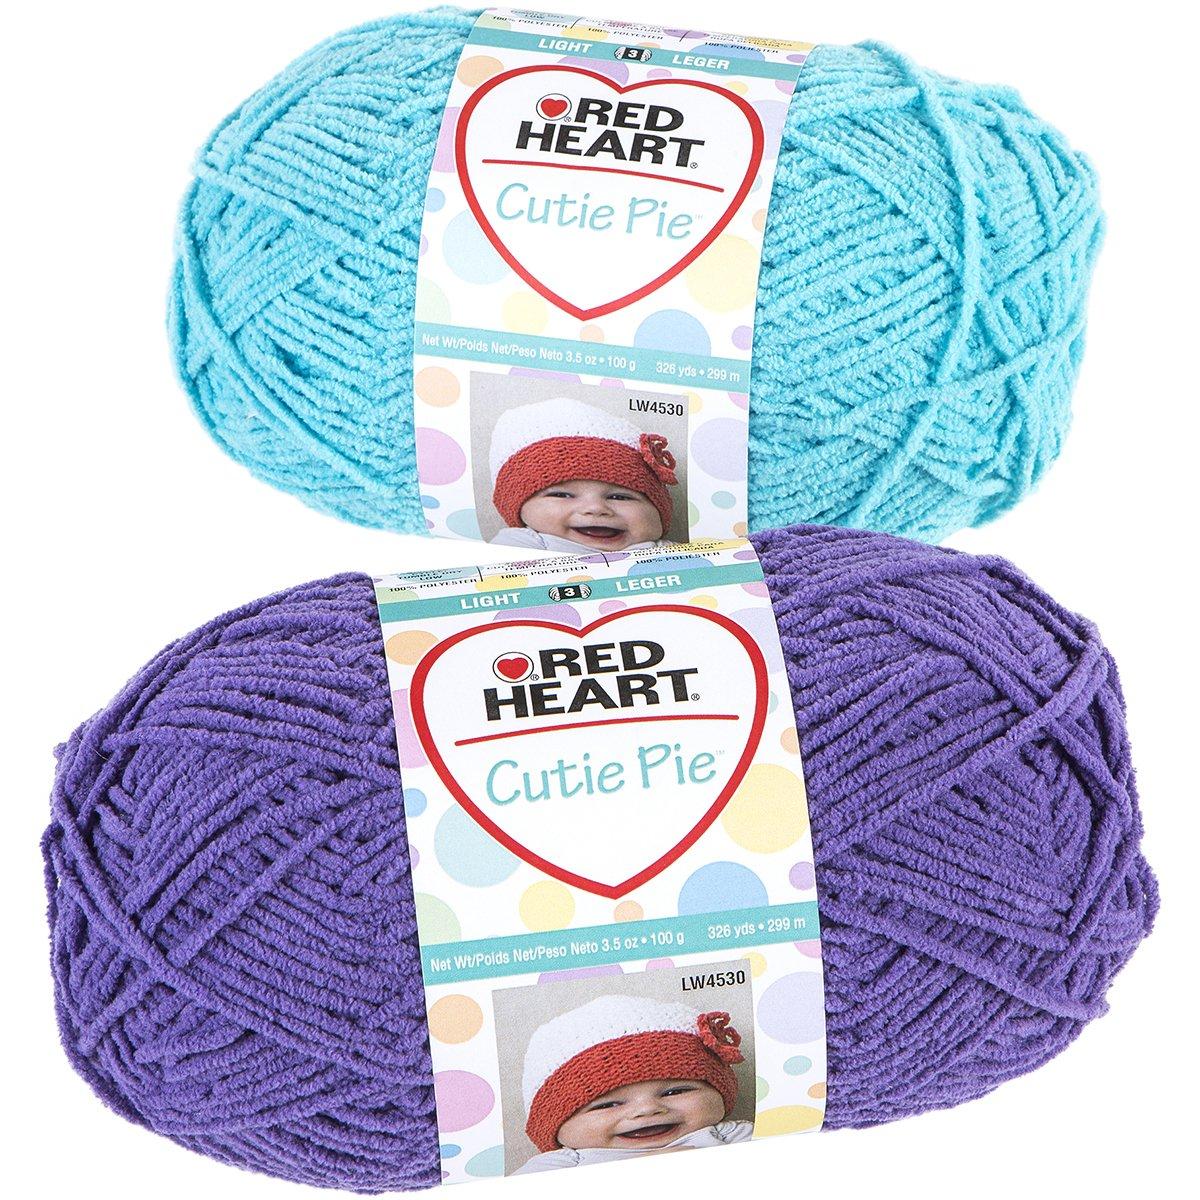 Red Heart Cutie Pie Yarn, Splash by Red Heart B00UY17GFM